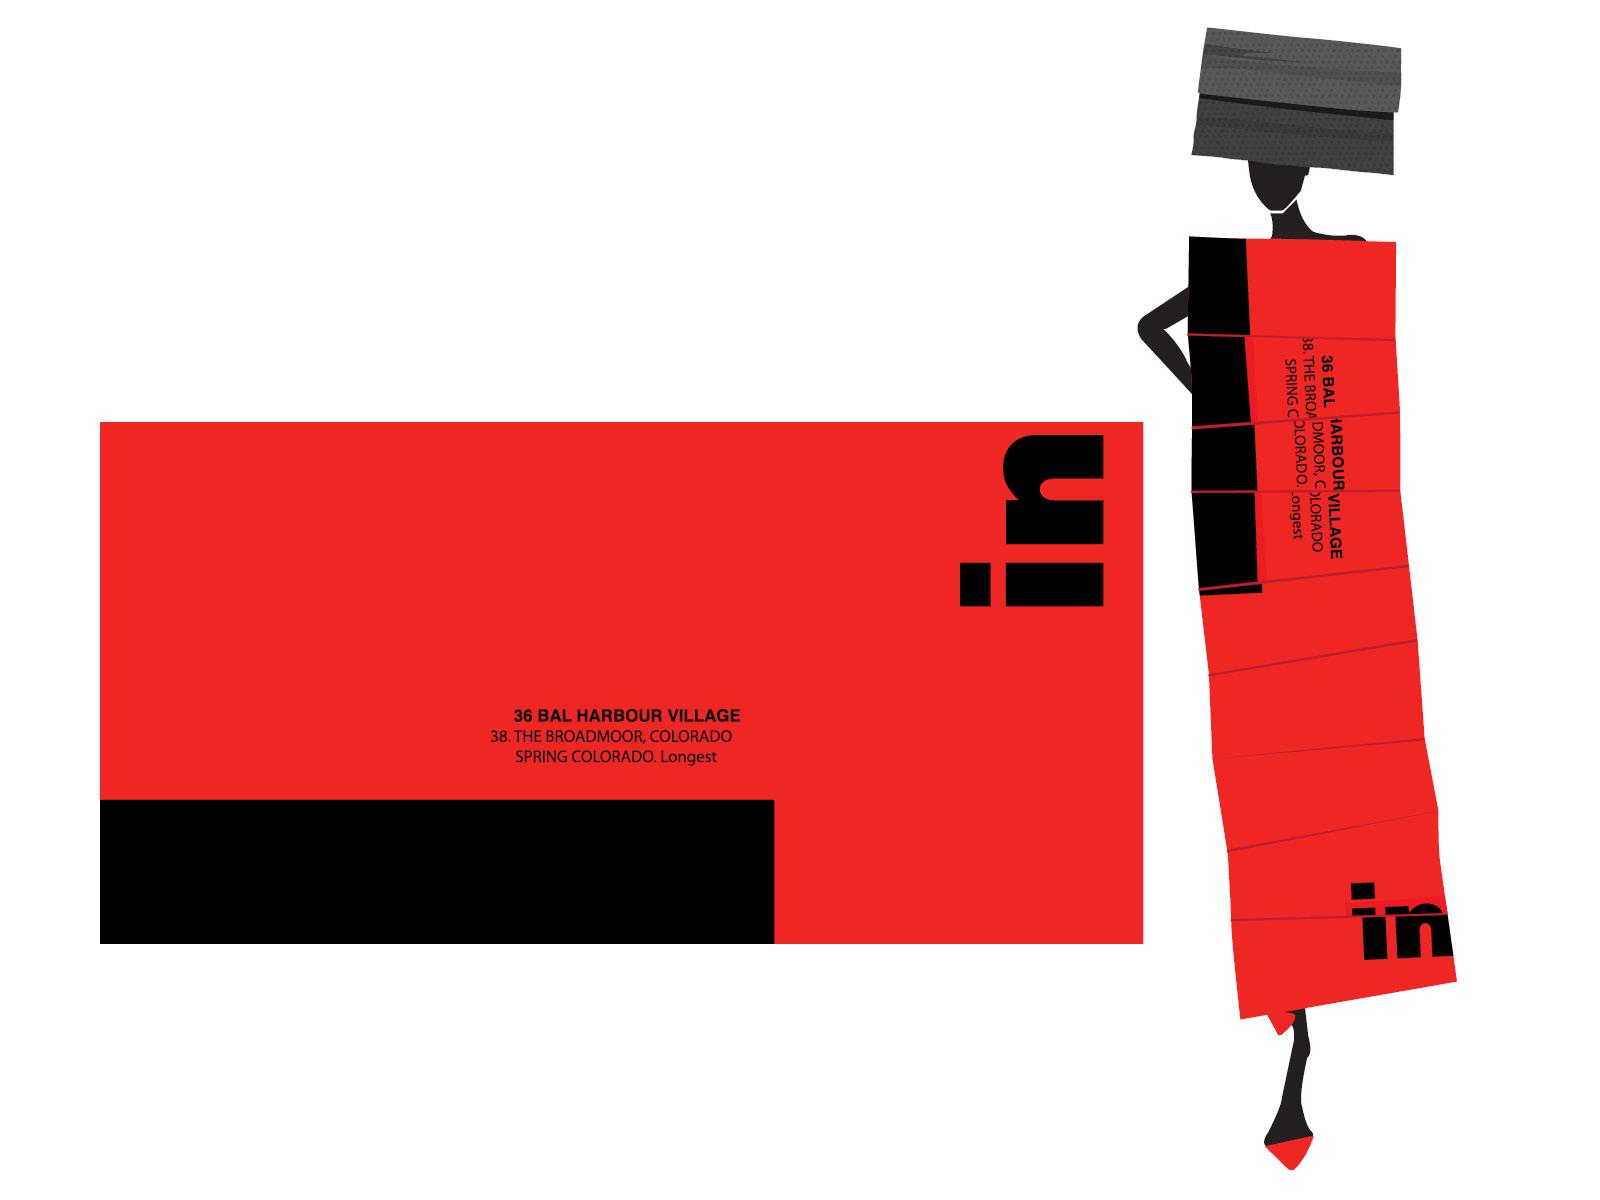 Spirit-Flesh-Magzine-SVA-Design-Sketch-In-Red-Dress-by-Minika-Ko-Atelier